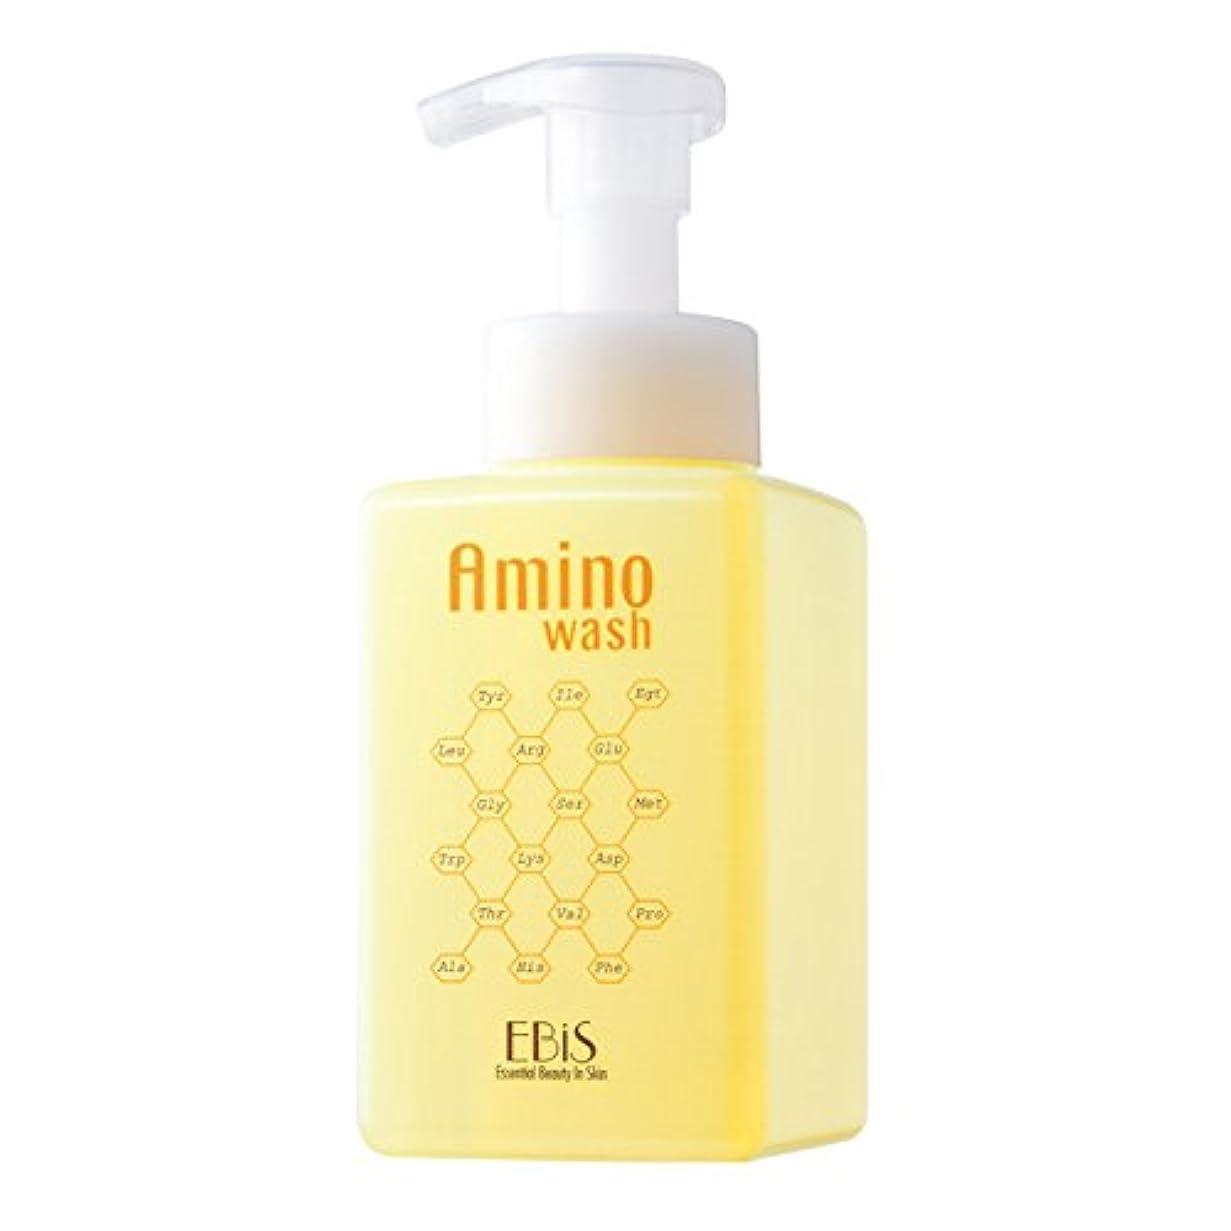 配るルネッサンスカメラエビス化粧品(EBiS) アミノウォッシュ400ml 洗顔フォーム (N)